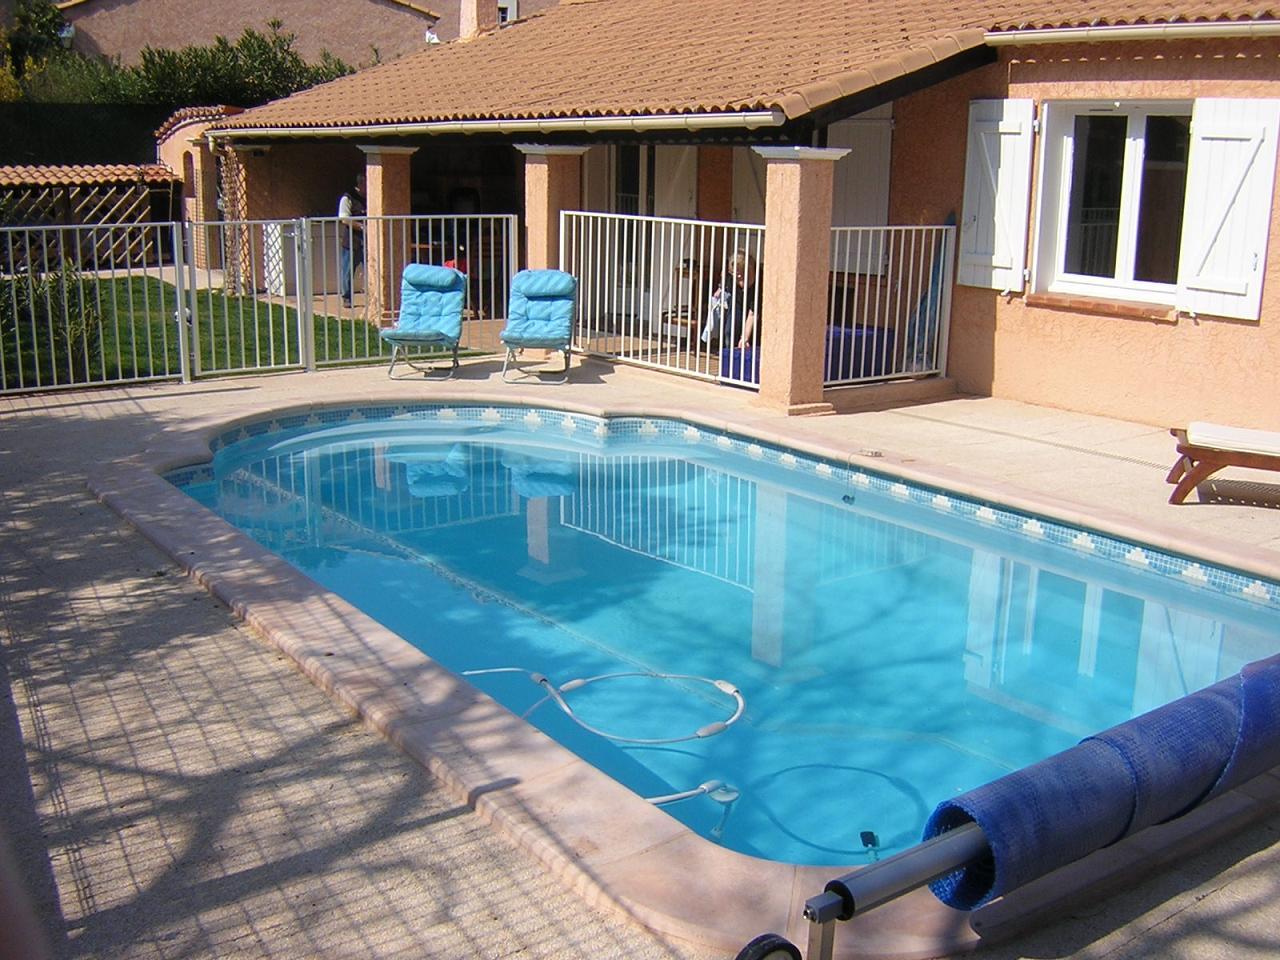 Piscine fond inclin piscine fond en pente neptune for Modele de piscine